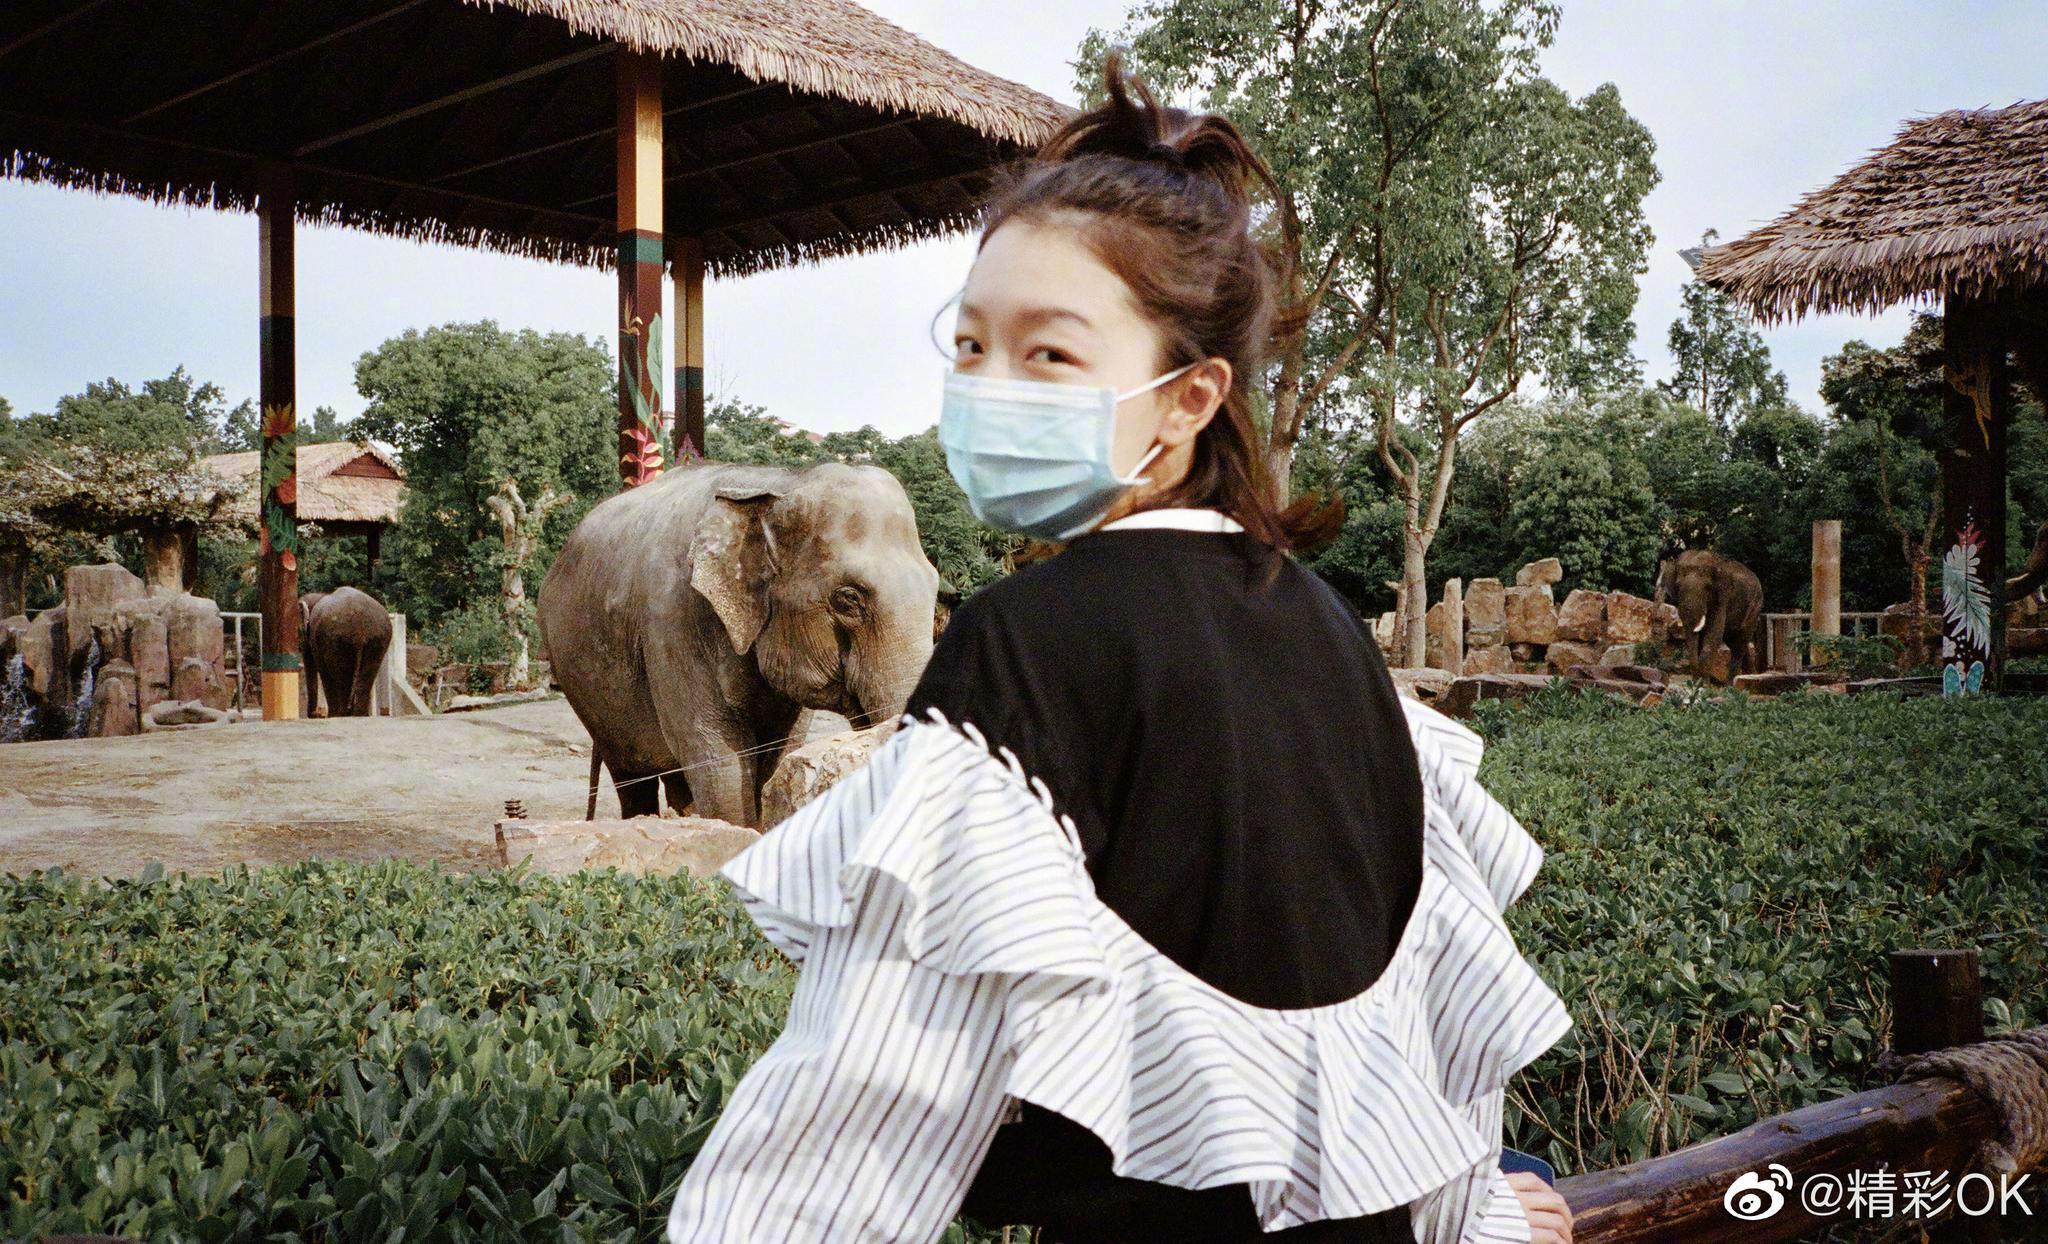 动物园游客照怎么拍?鬼马少女@周冬雨 告诉你!拼接卫衣活力灵动